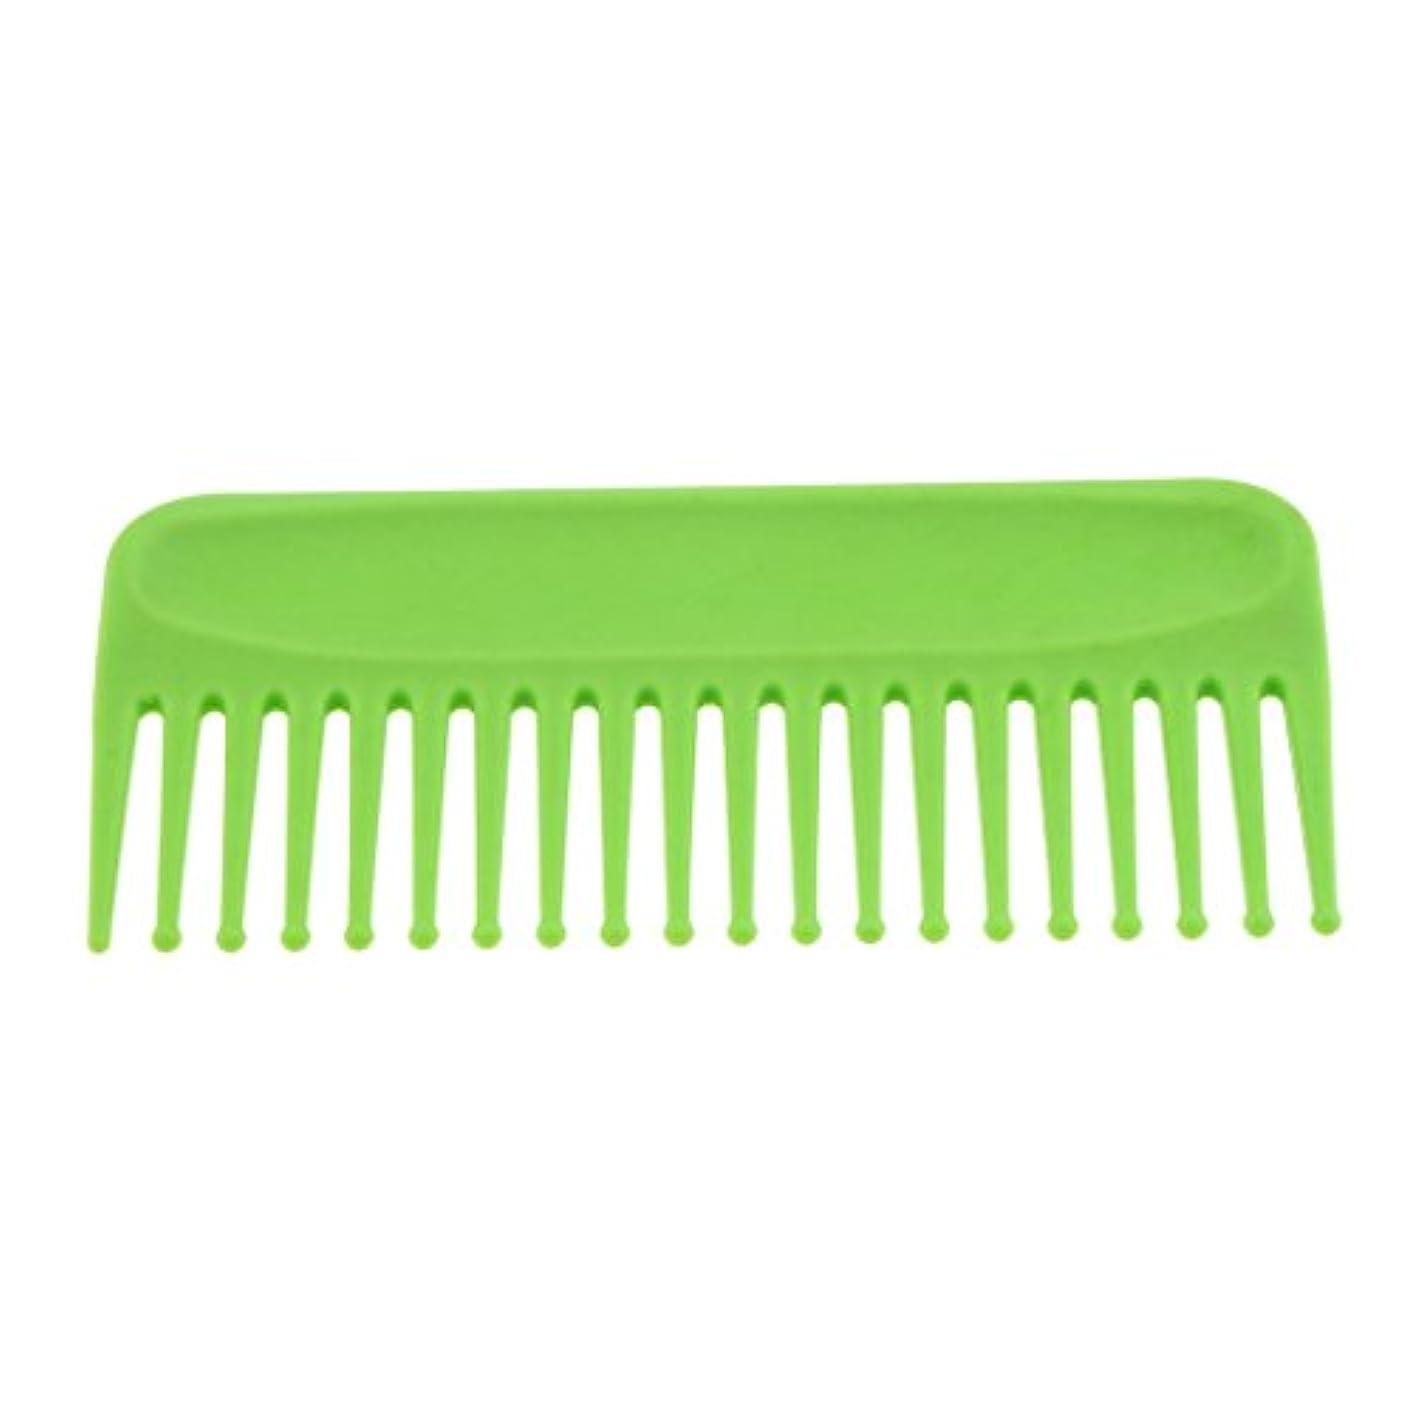 優先権メイト効能あるヘアブラシ ヘアコーム コーム 櫛 くし サロン ヘアケア 耐熱性 帯電防止 頭皮 マッサージ 丸いヘッド 4色選べる - 緑